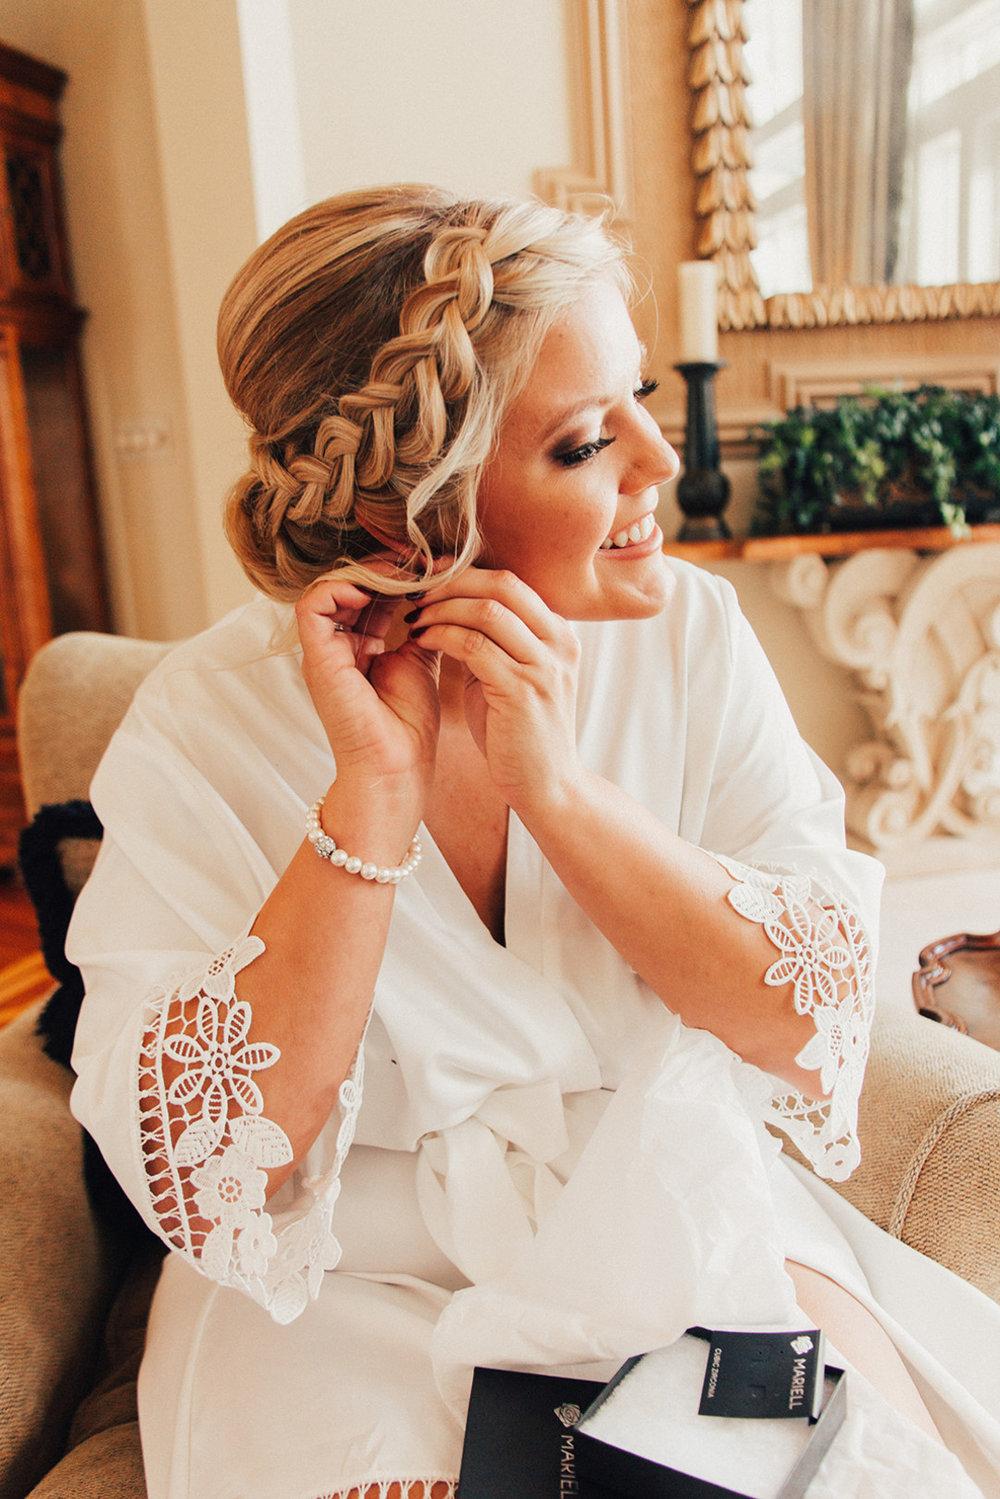 bröllop+hår+smink+smycken